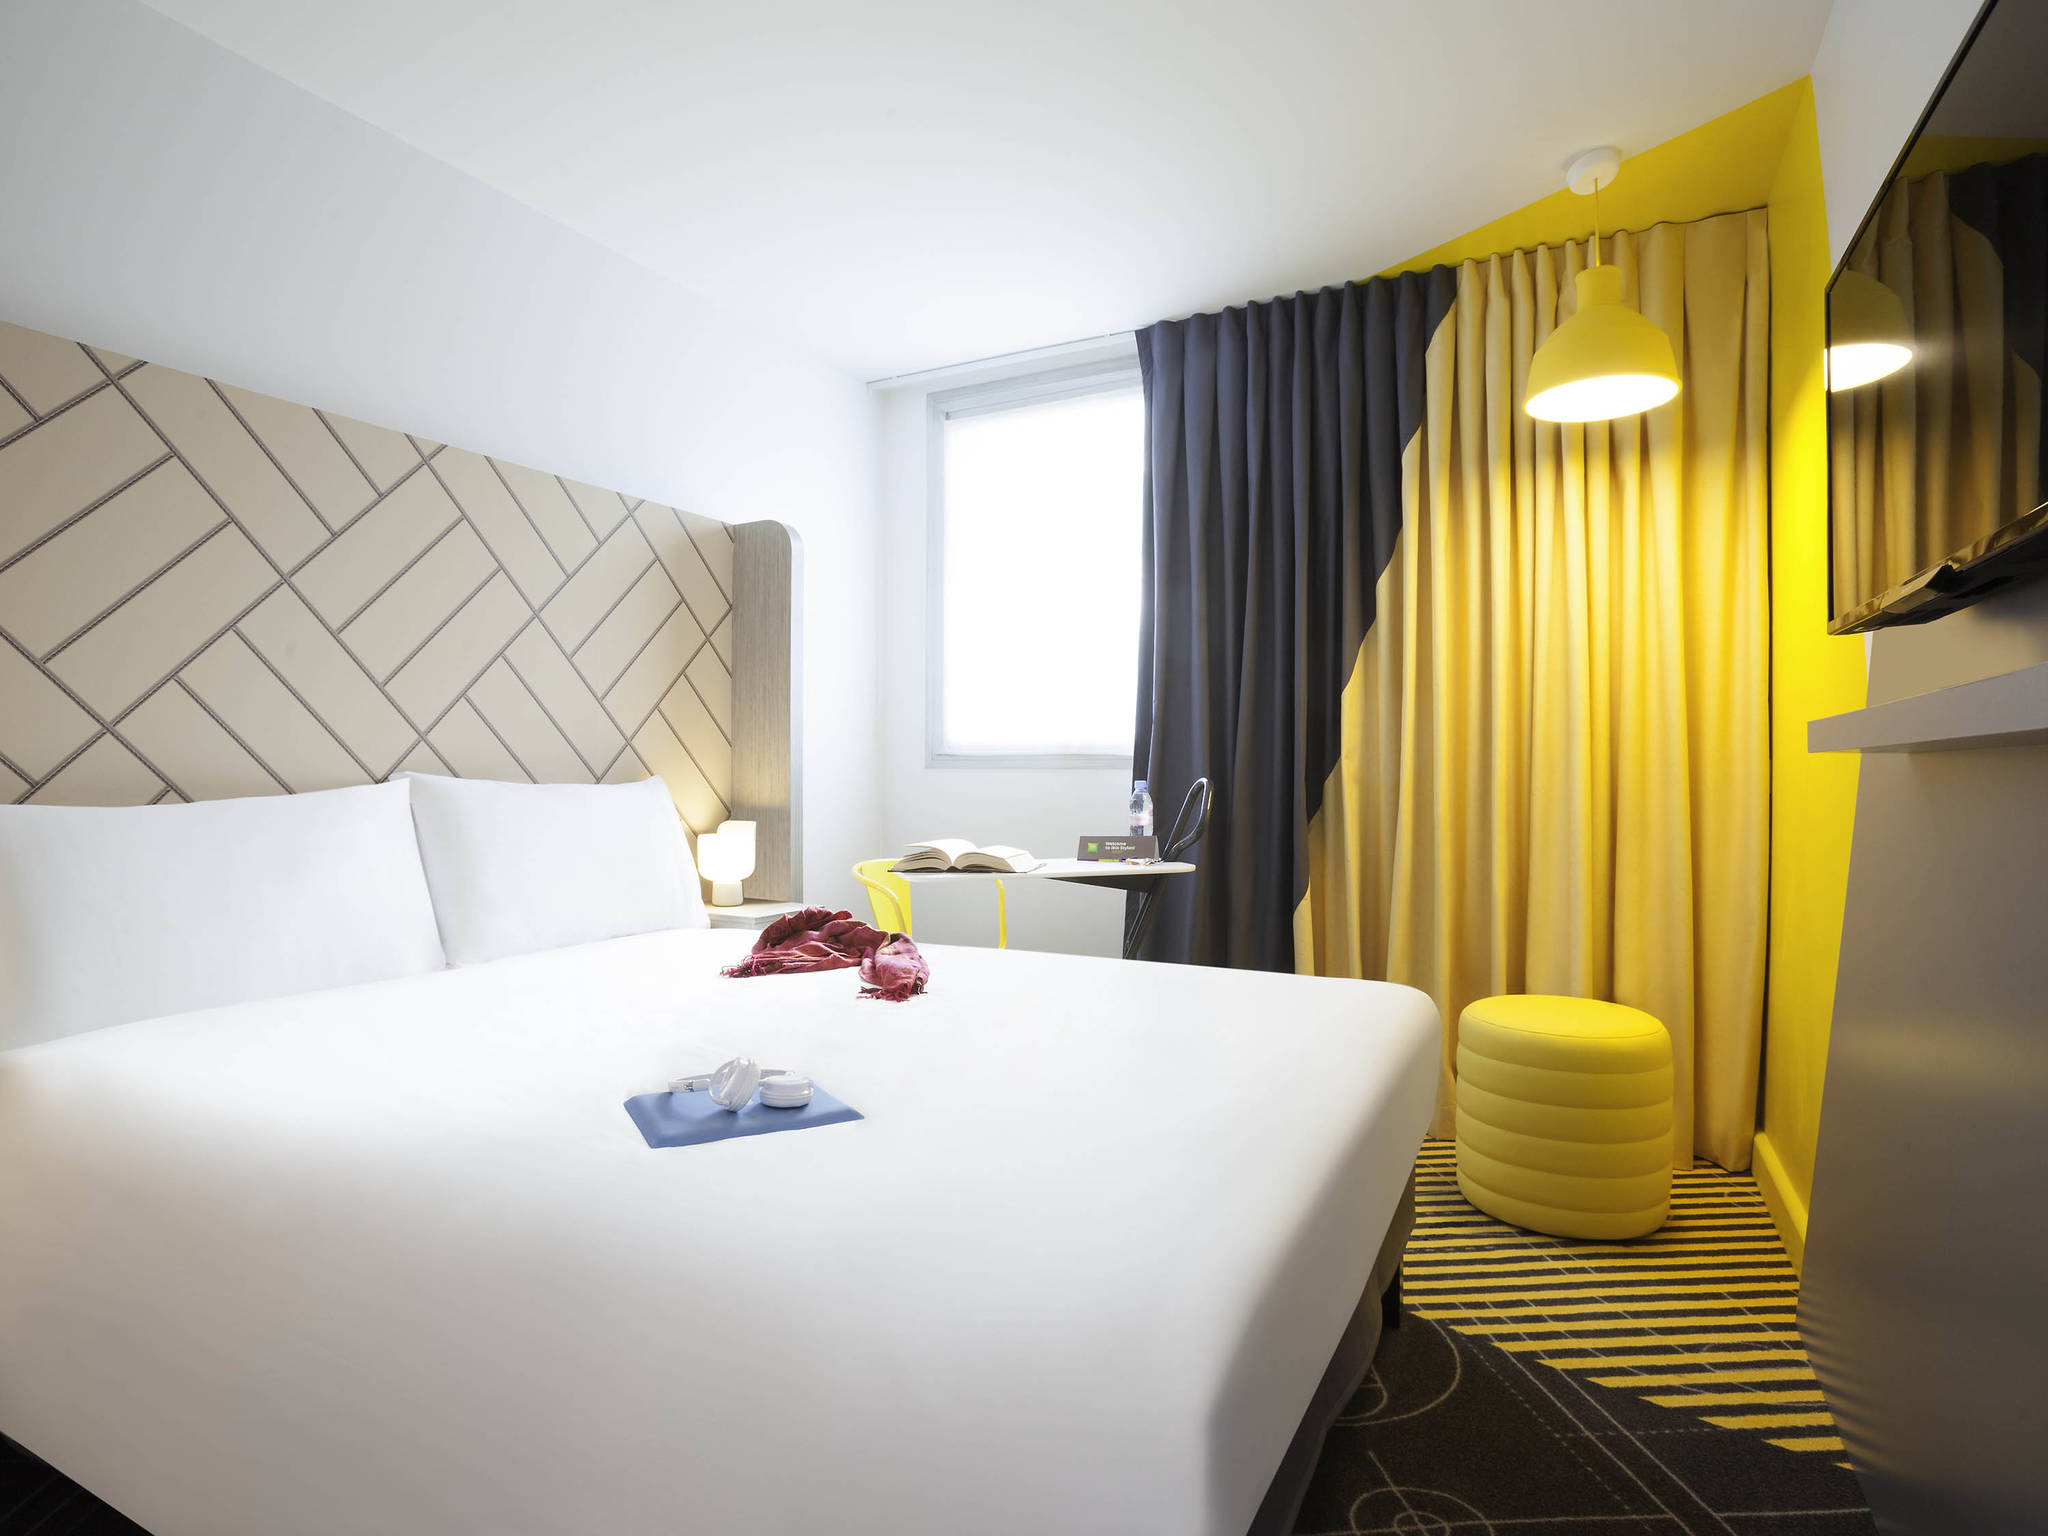 โรงแรม – ไอบิส สไตล์ ปารีส มาสเซนา โอลิมเพียดส์